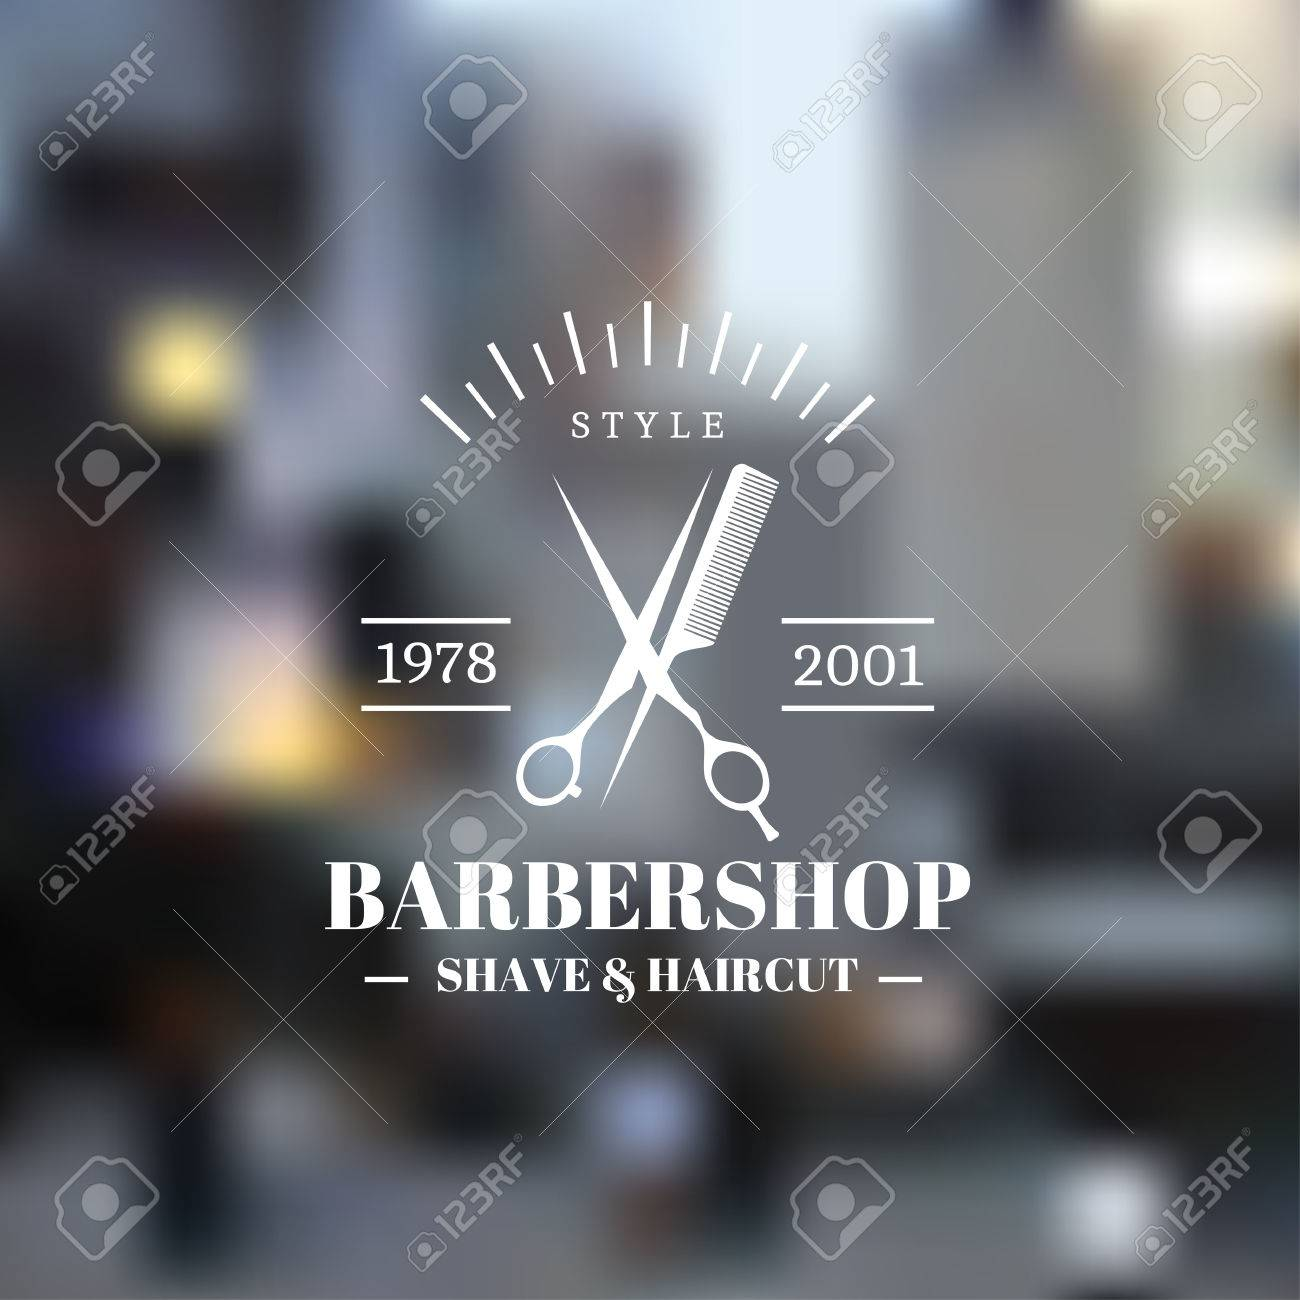 Barber shop icon emblem label or logo on blurred background - 48521024